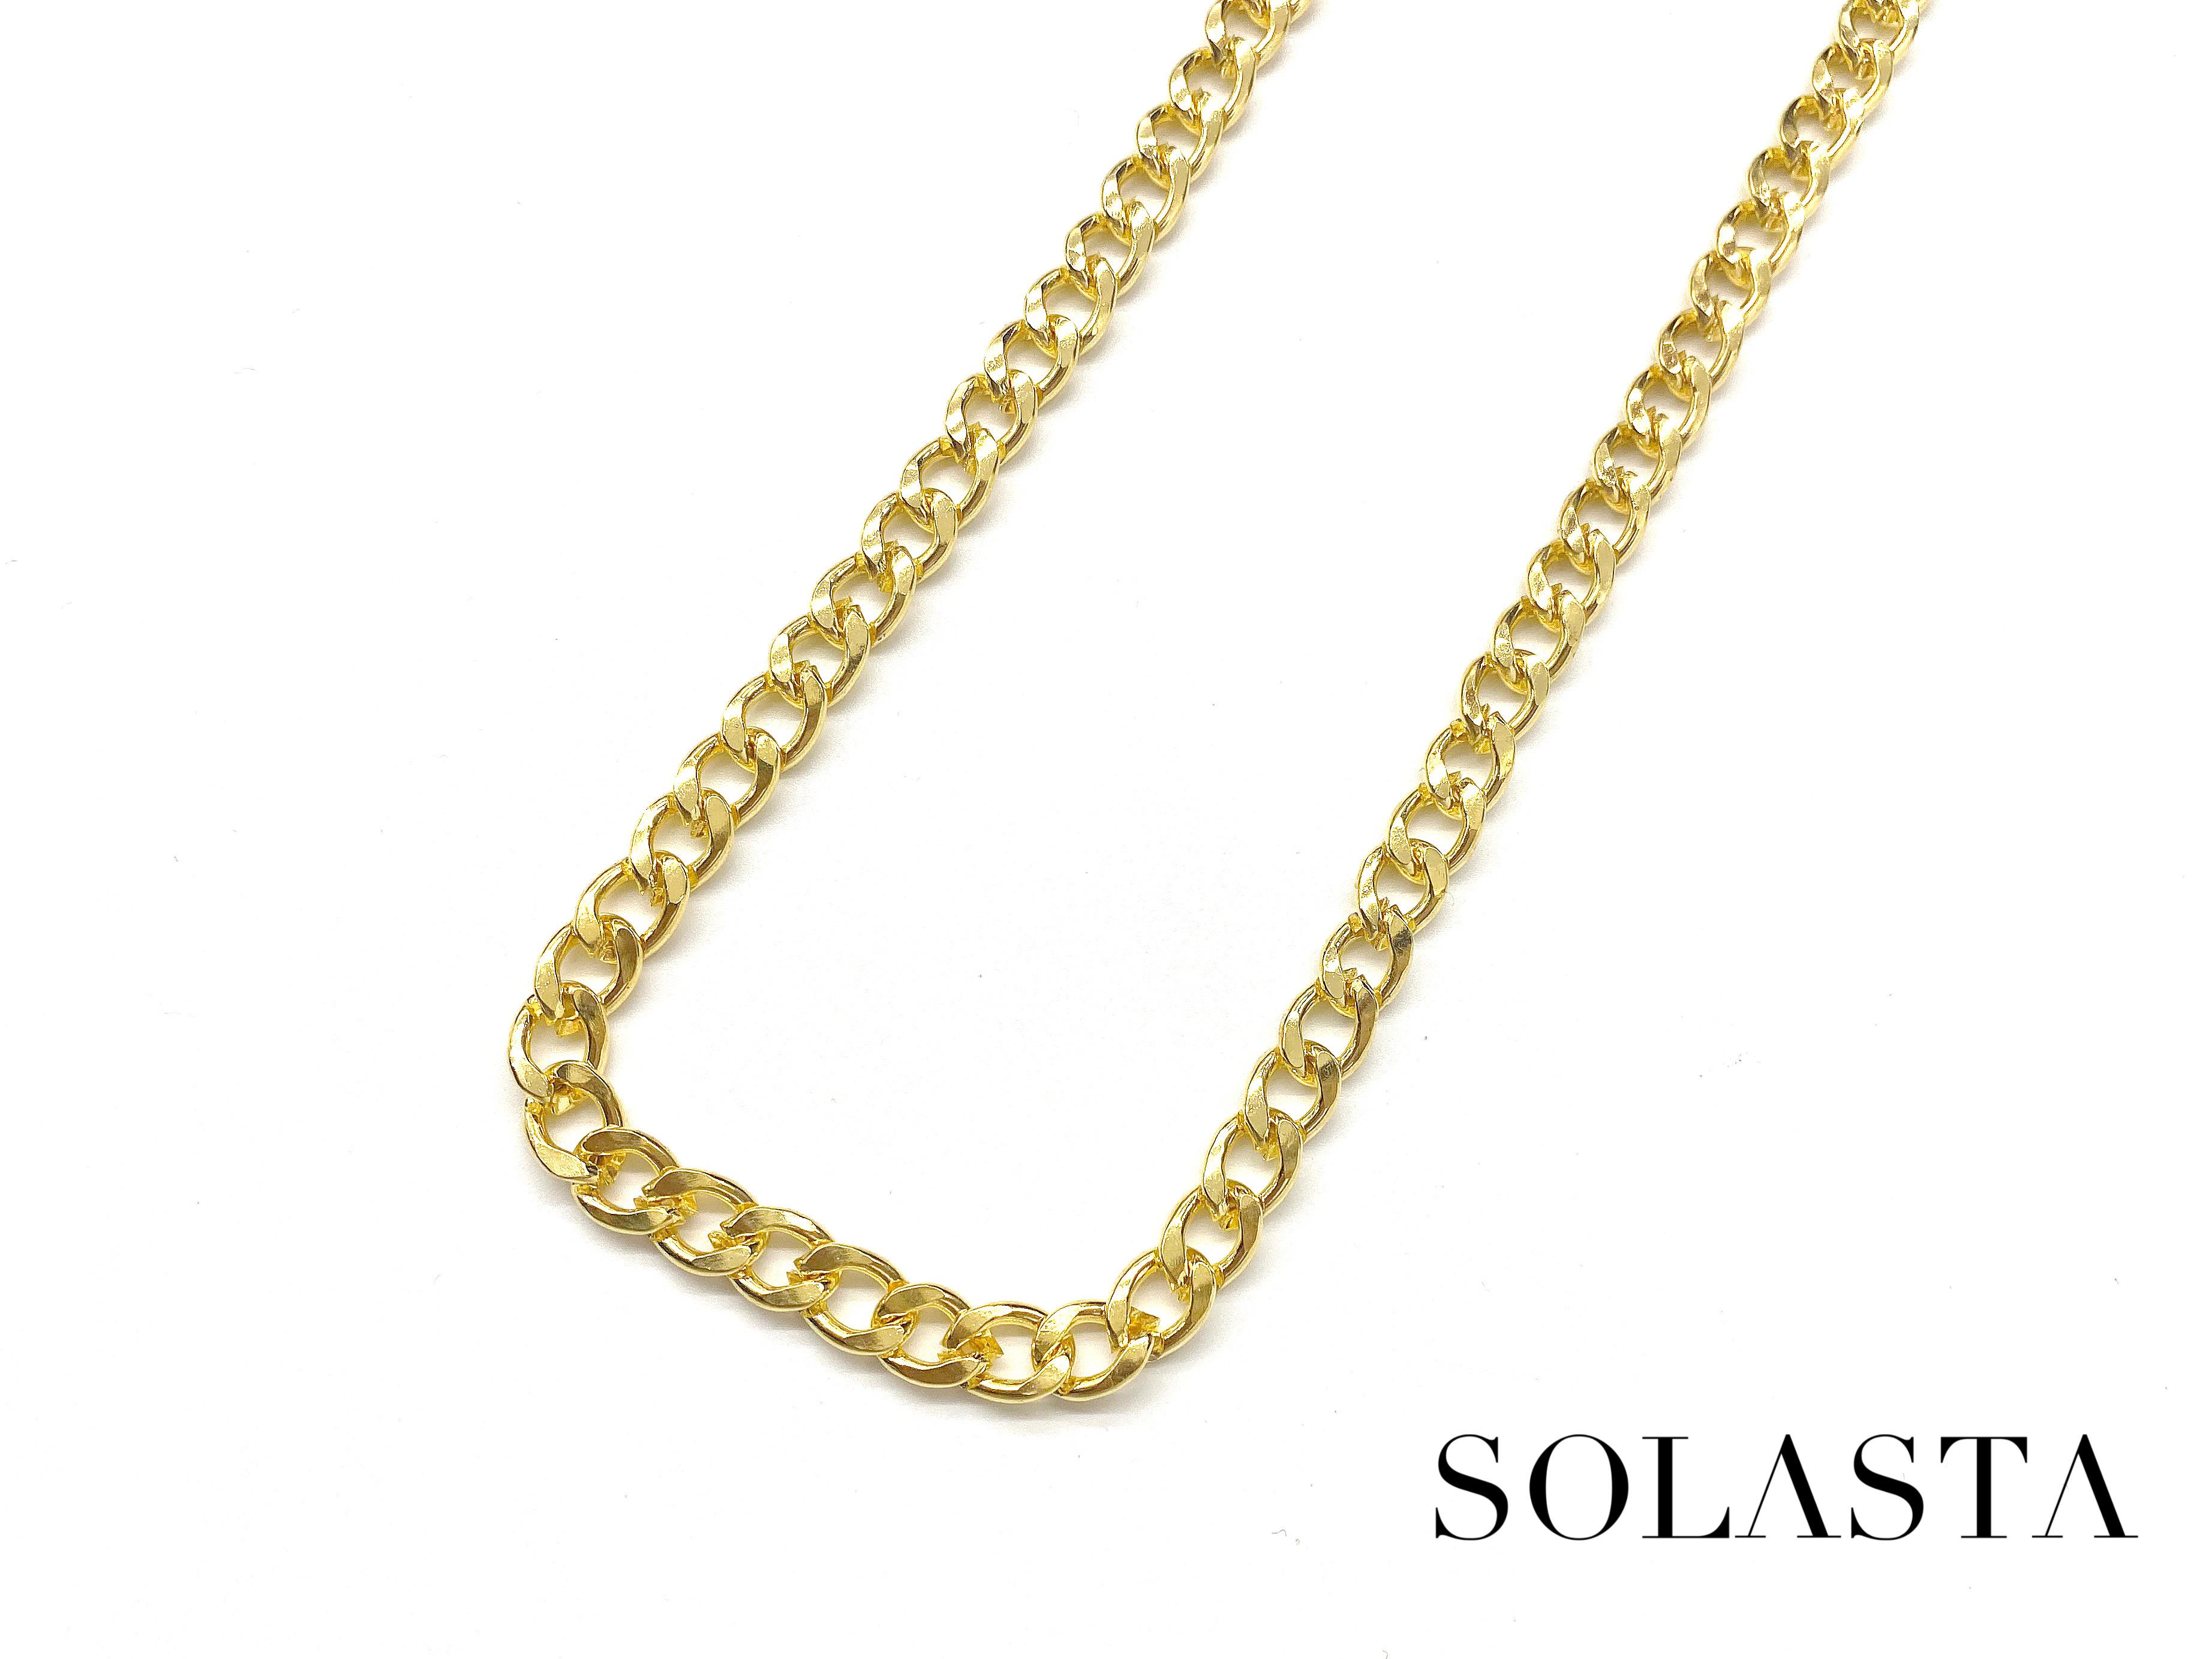 SOLASTA - LONG CHIAN